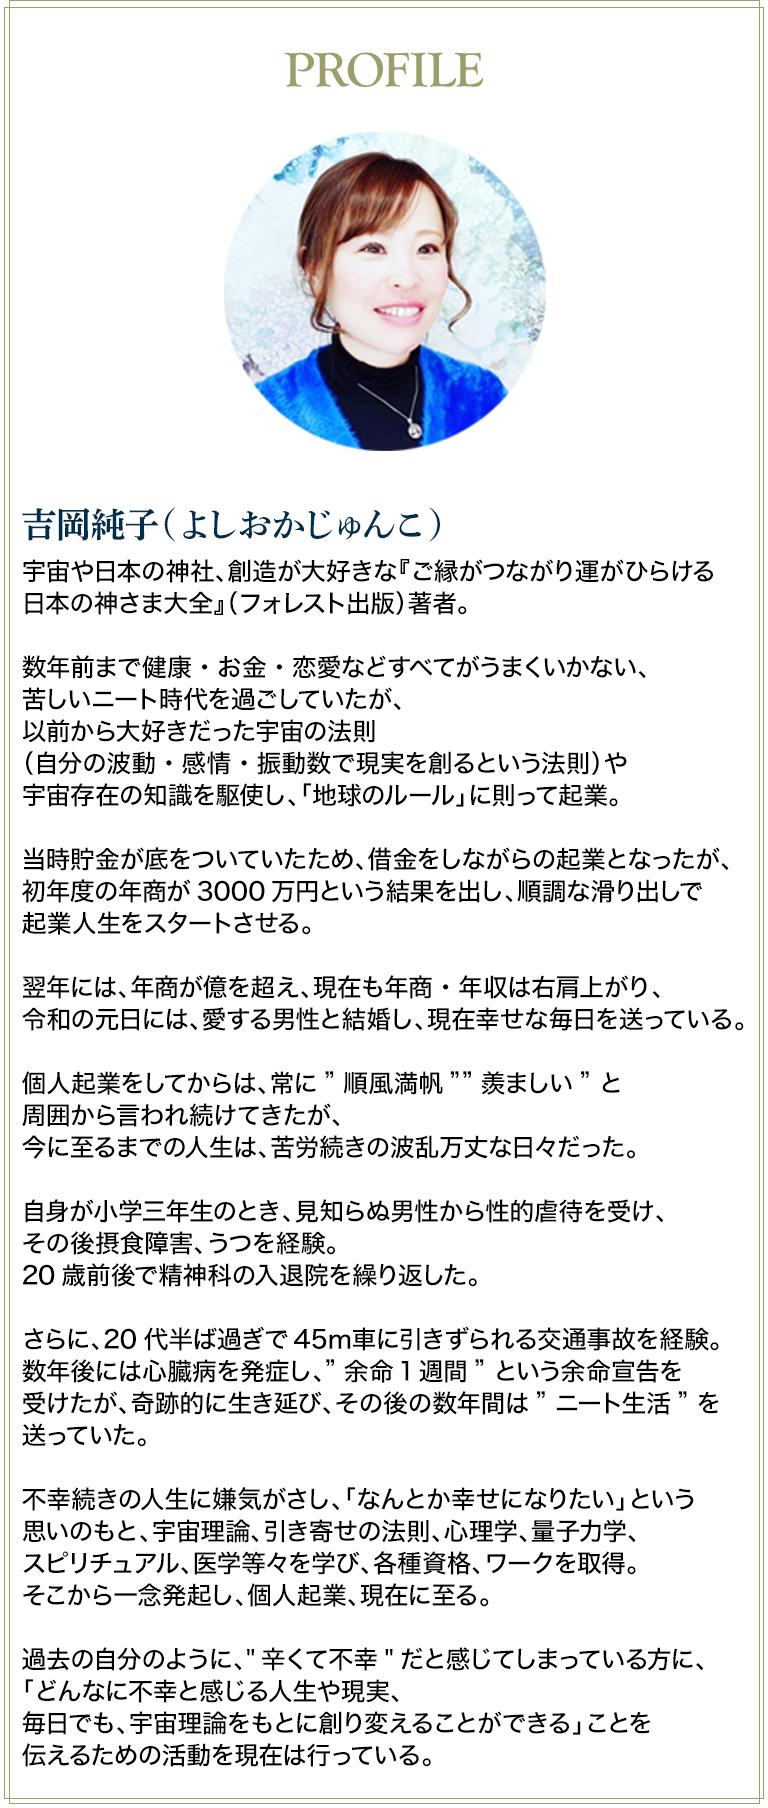 純子 本 吉岡